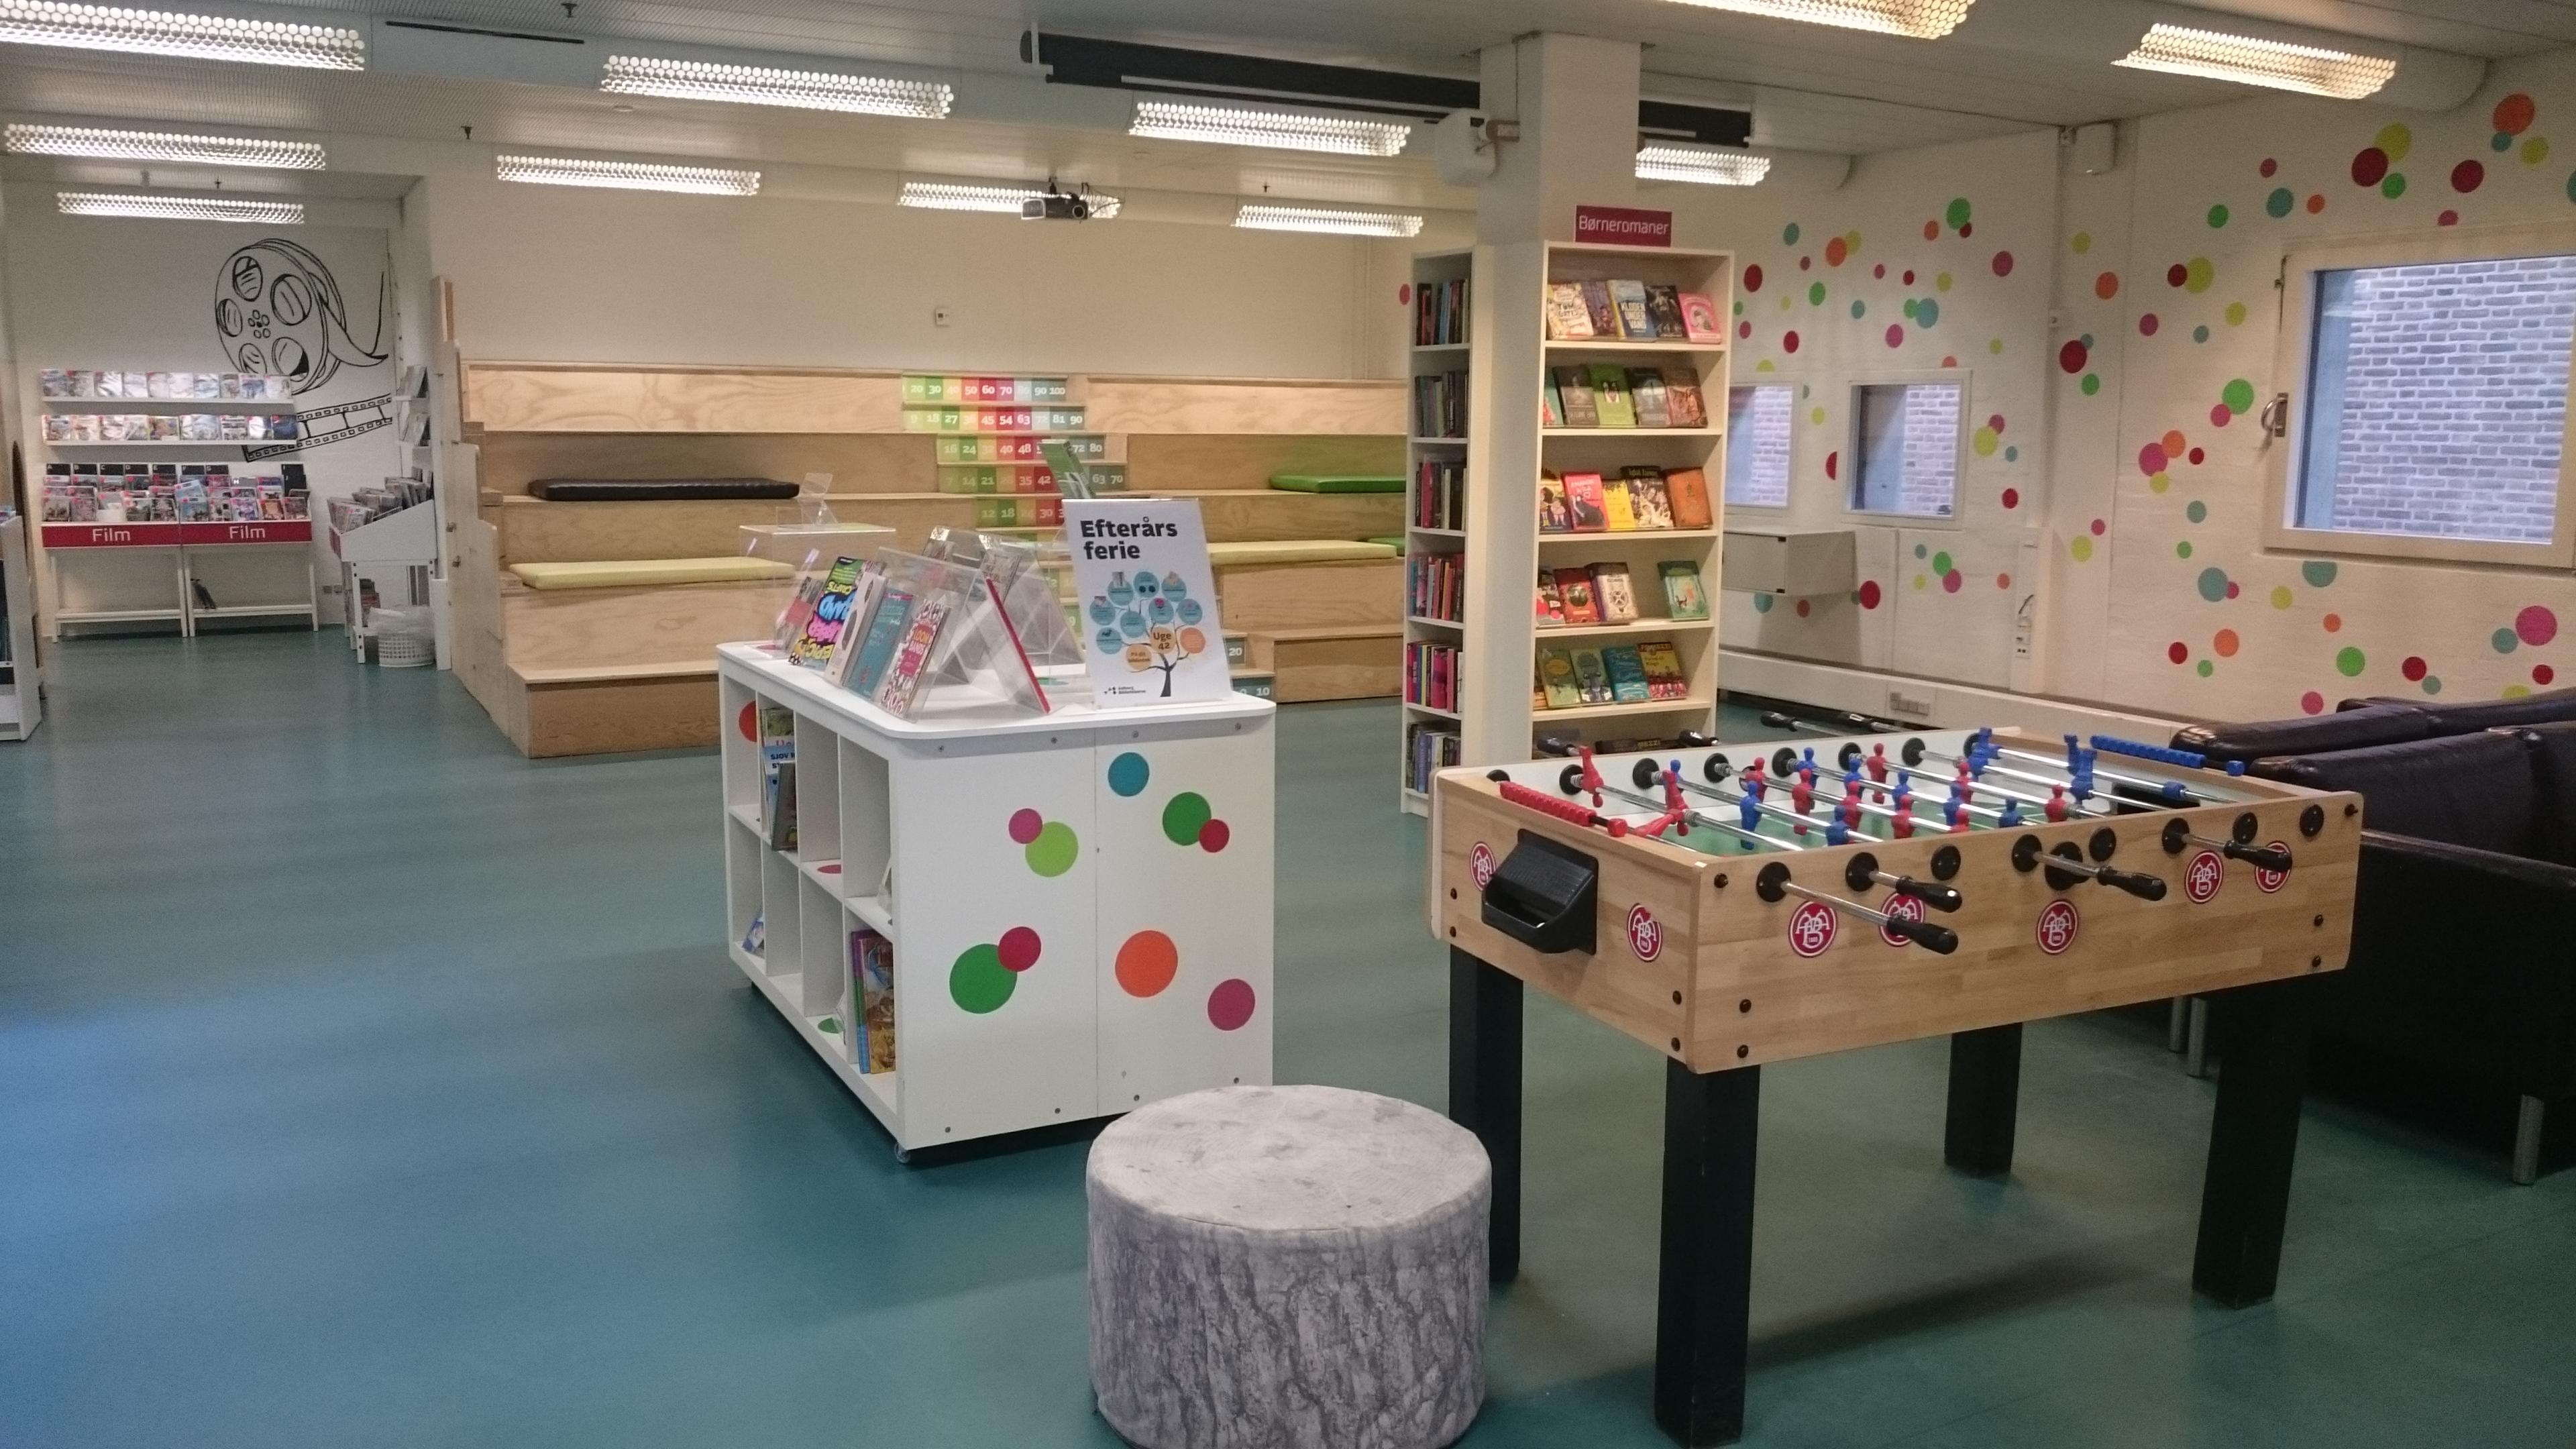 7) Area bermain anak di Aalborg hovedbibliotek